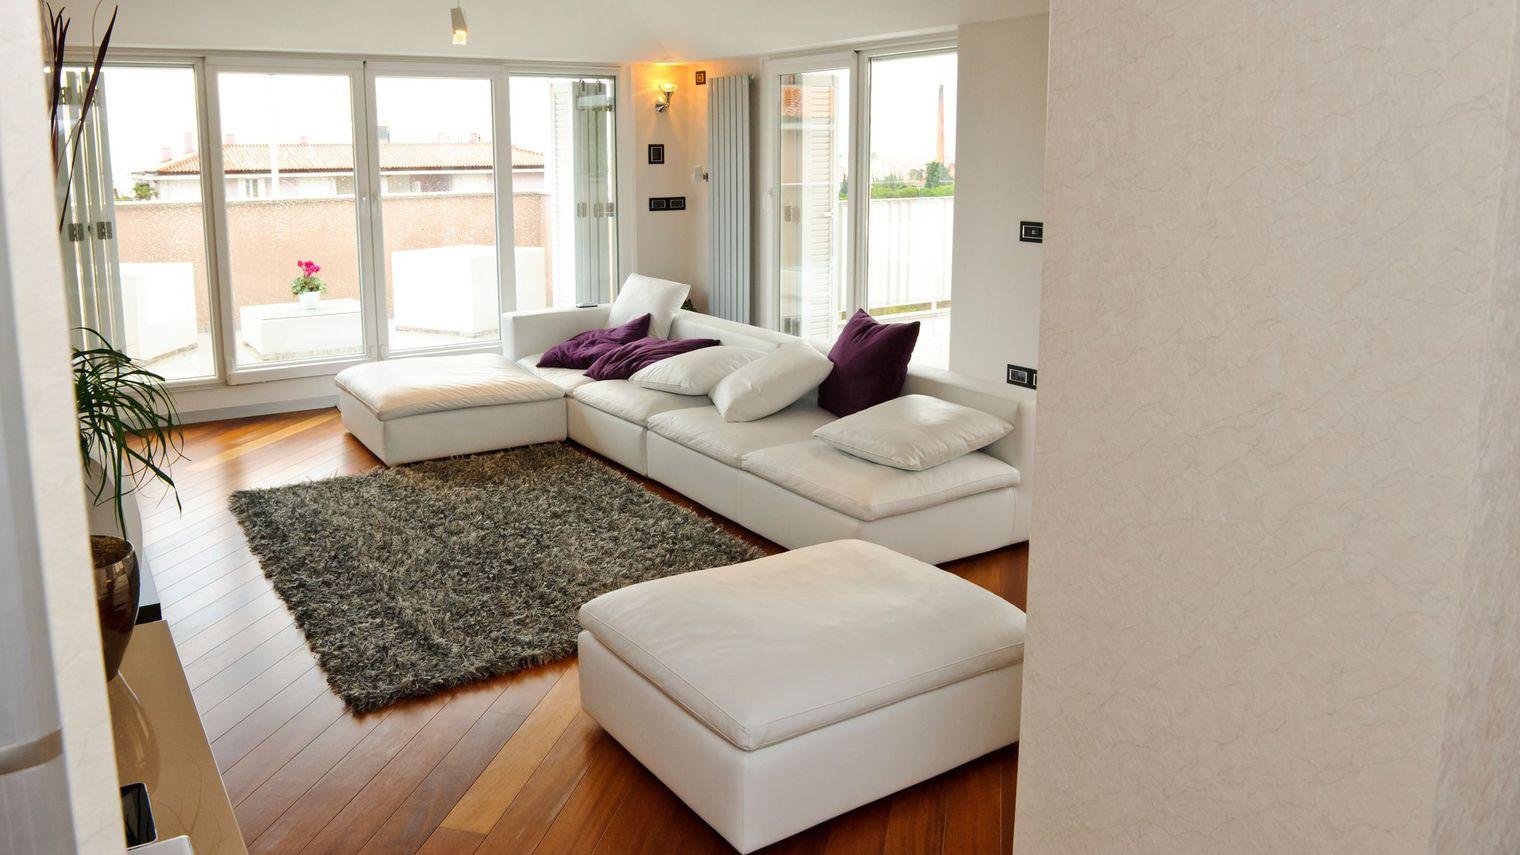 Location appartement Paris : un projet tout à fait réalisable